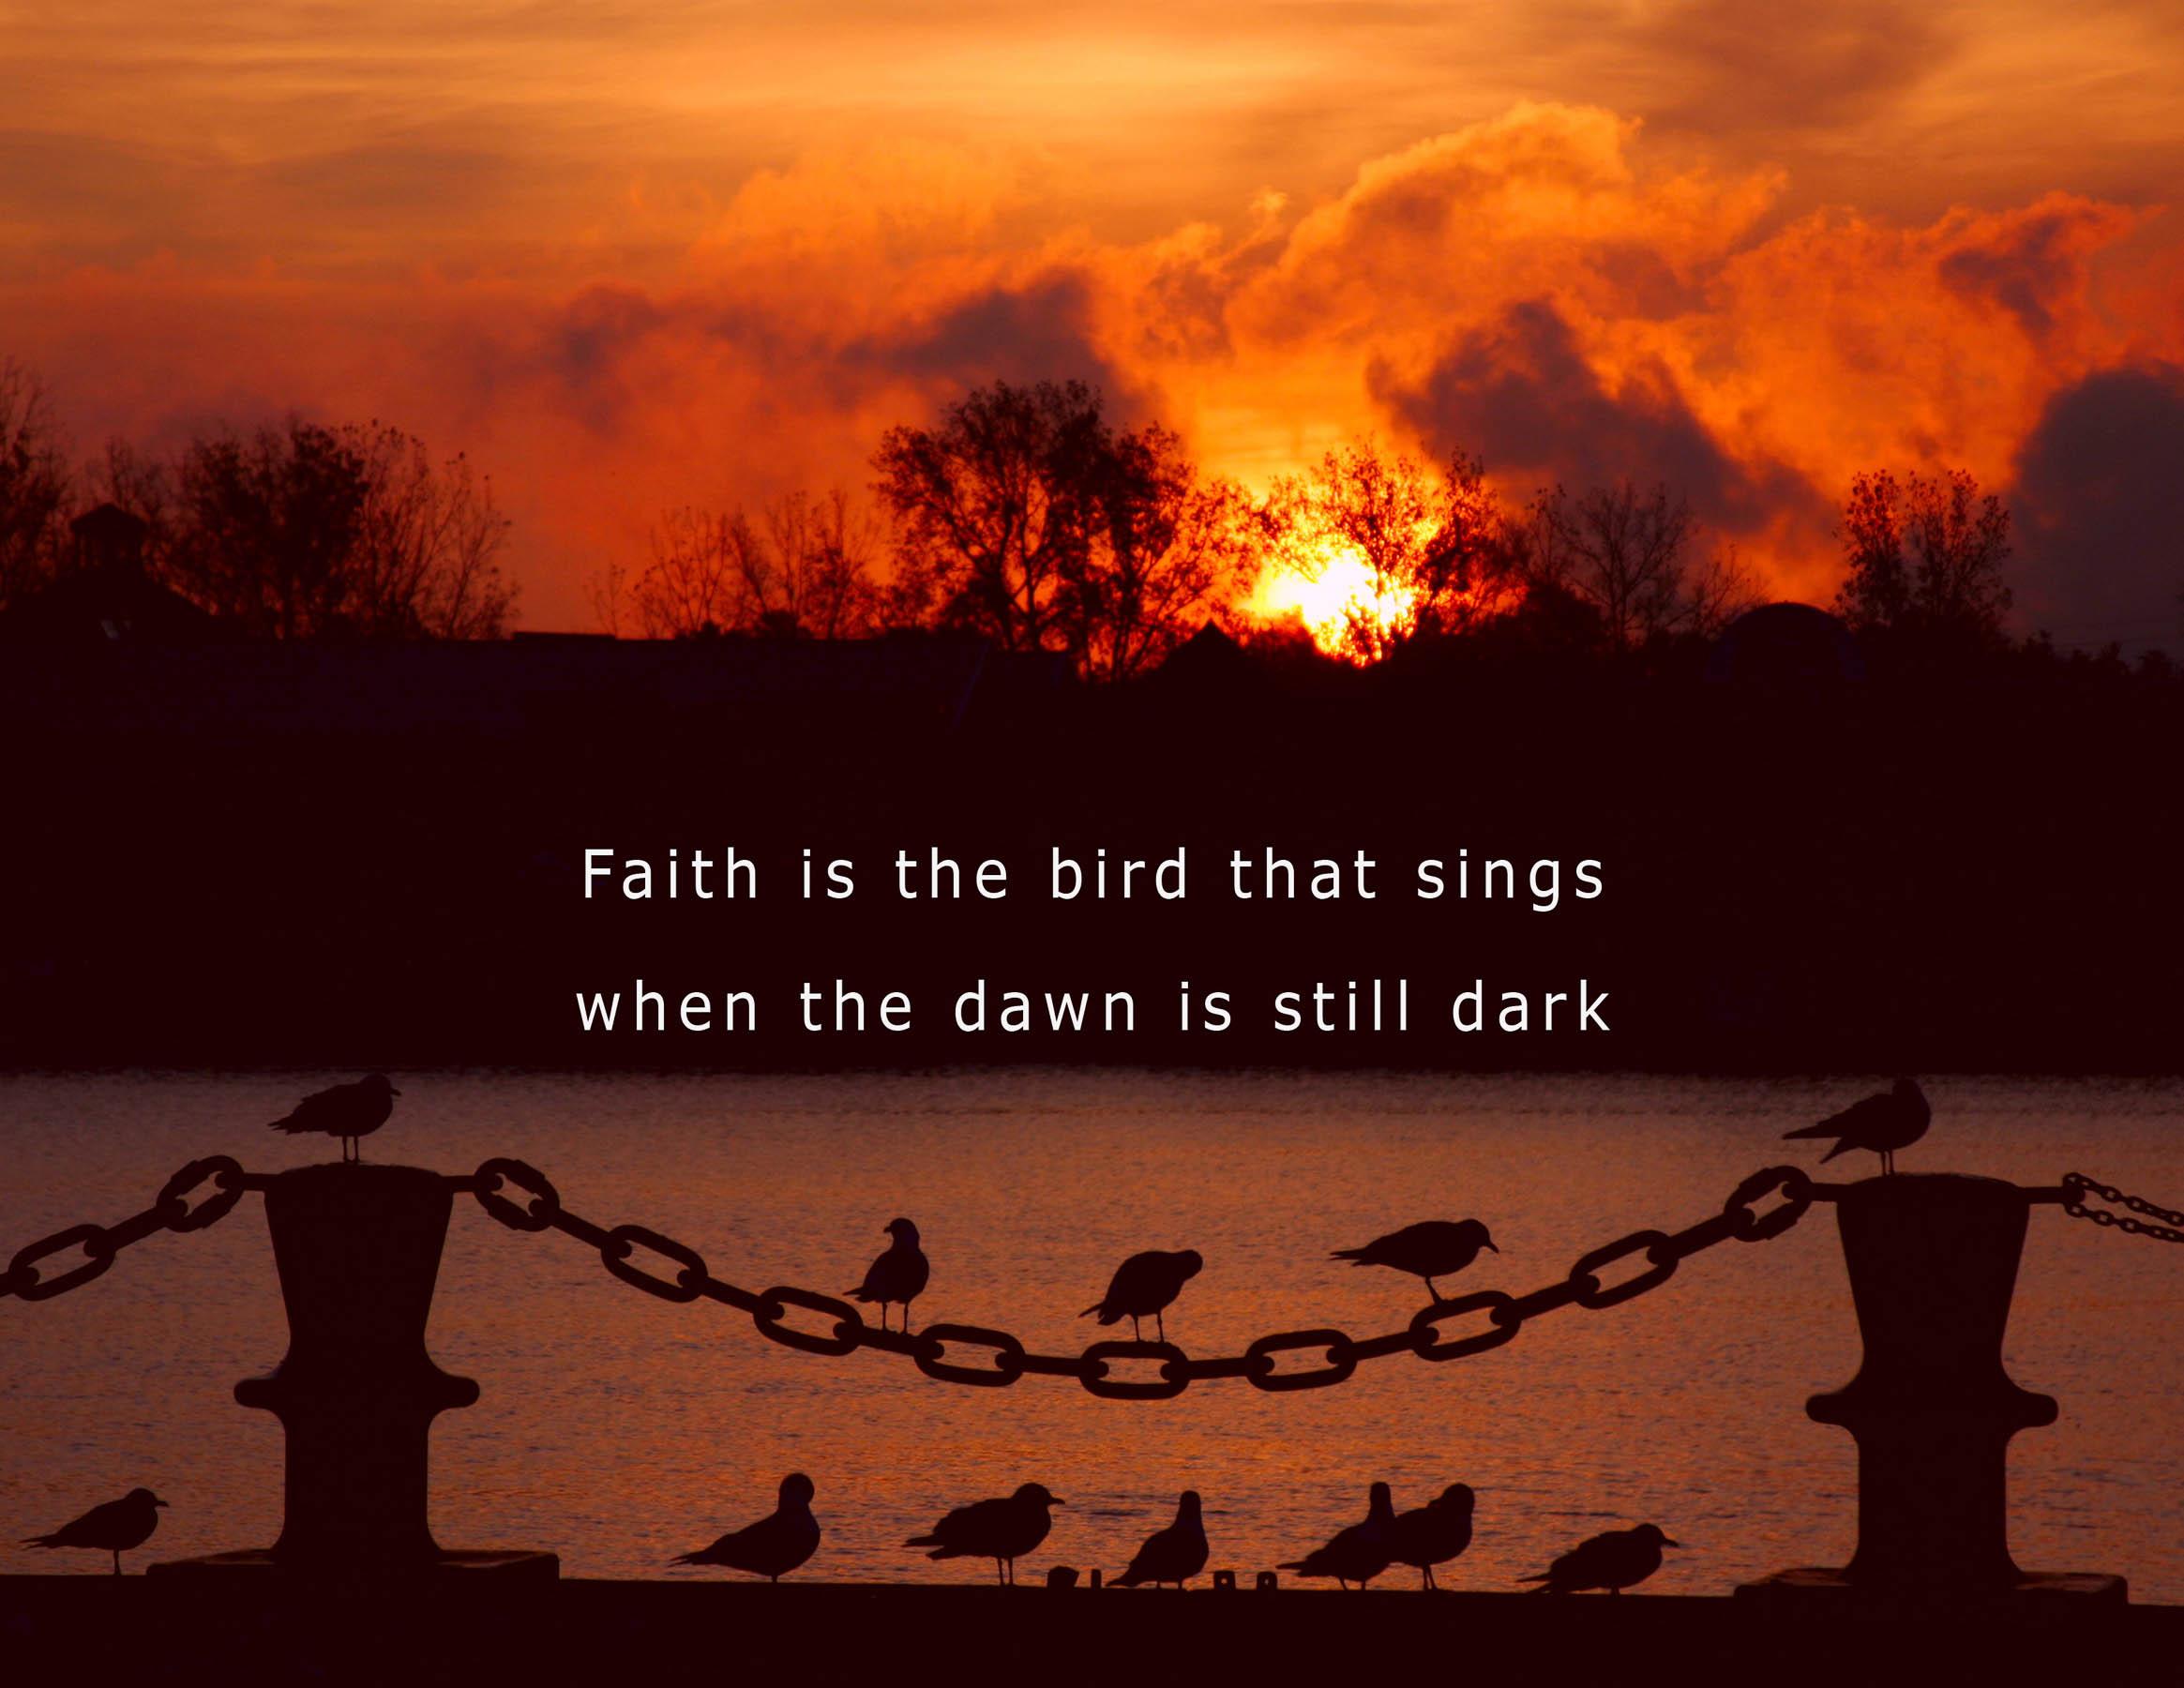 faith is the bird.jpg